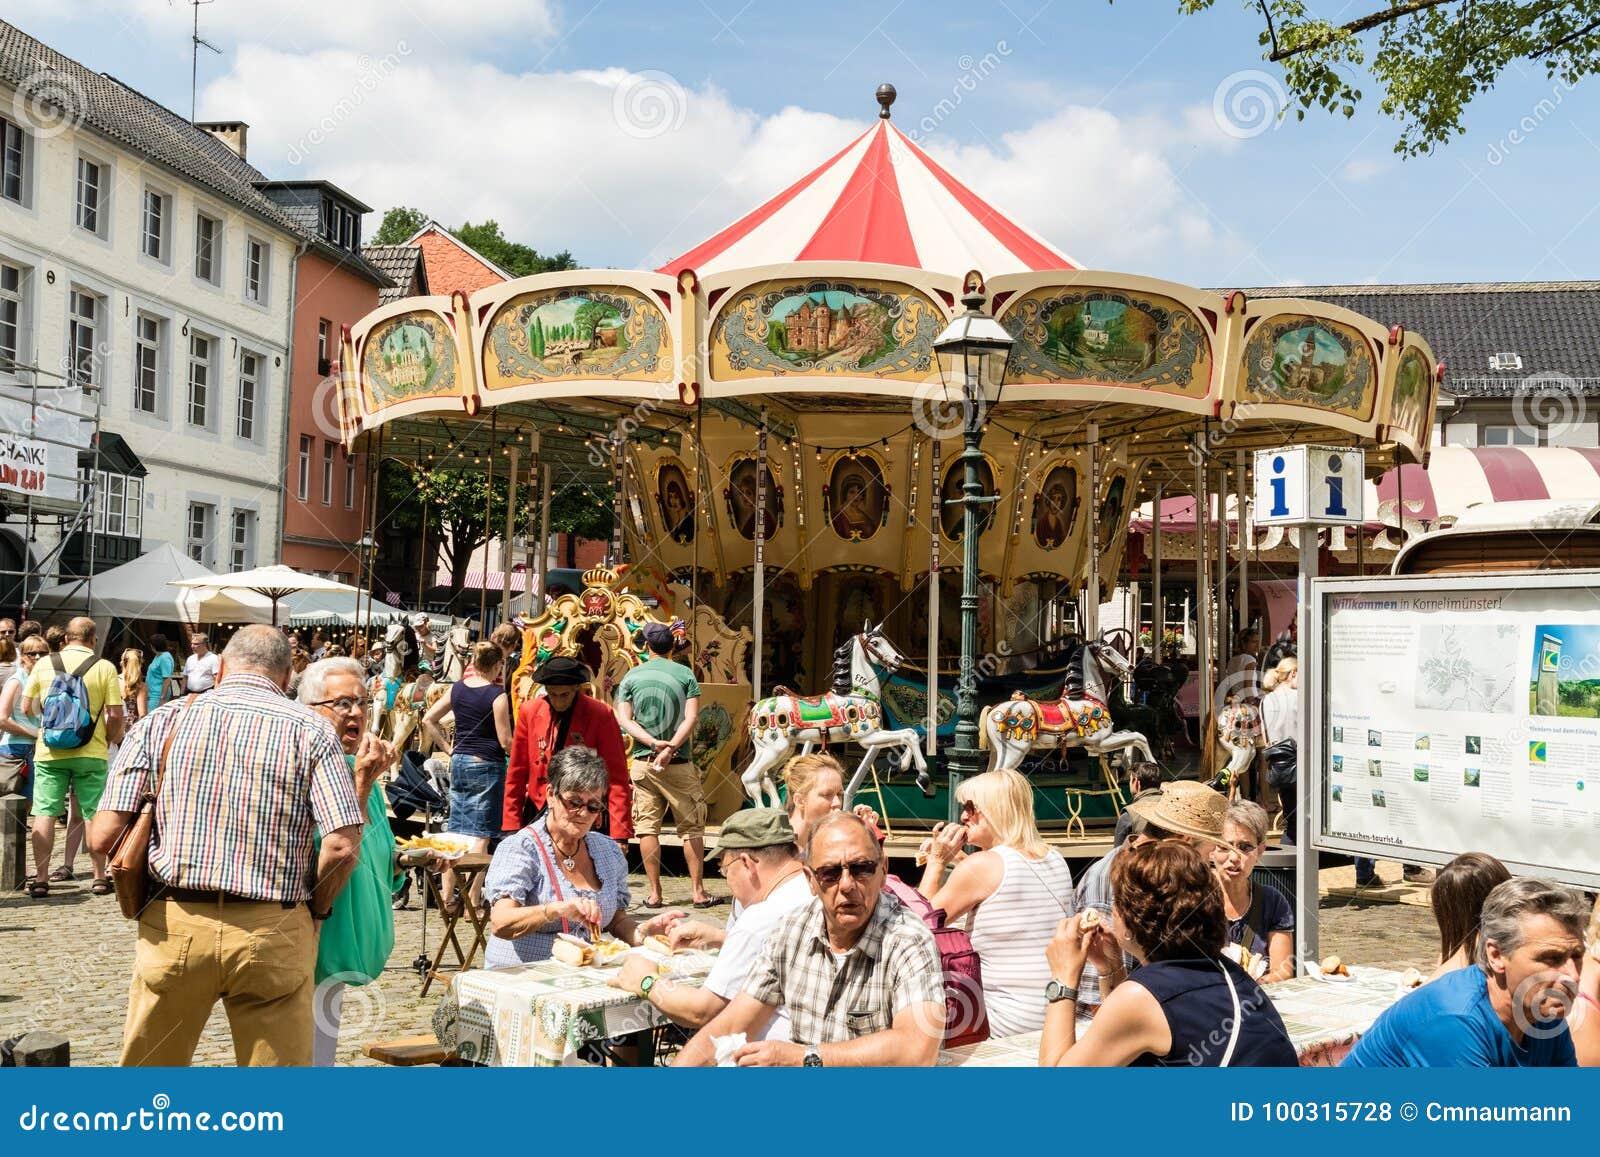 KORNELIMUENSTER, ГЕРМАНИЯ, 18-ое июня 2017 - люди просматривают историческую ярмарку Kornelimuenster на солнечный теплый день